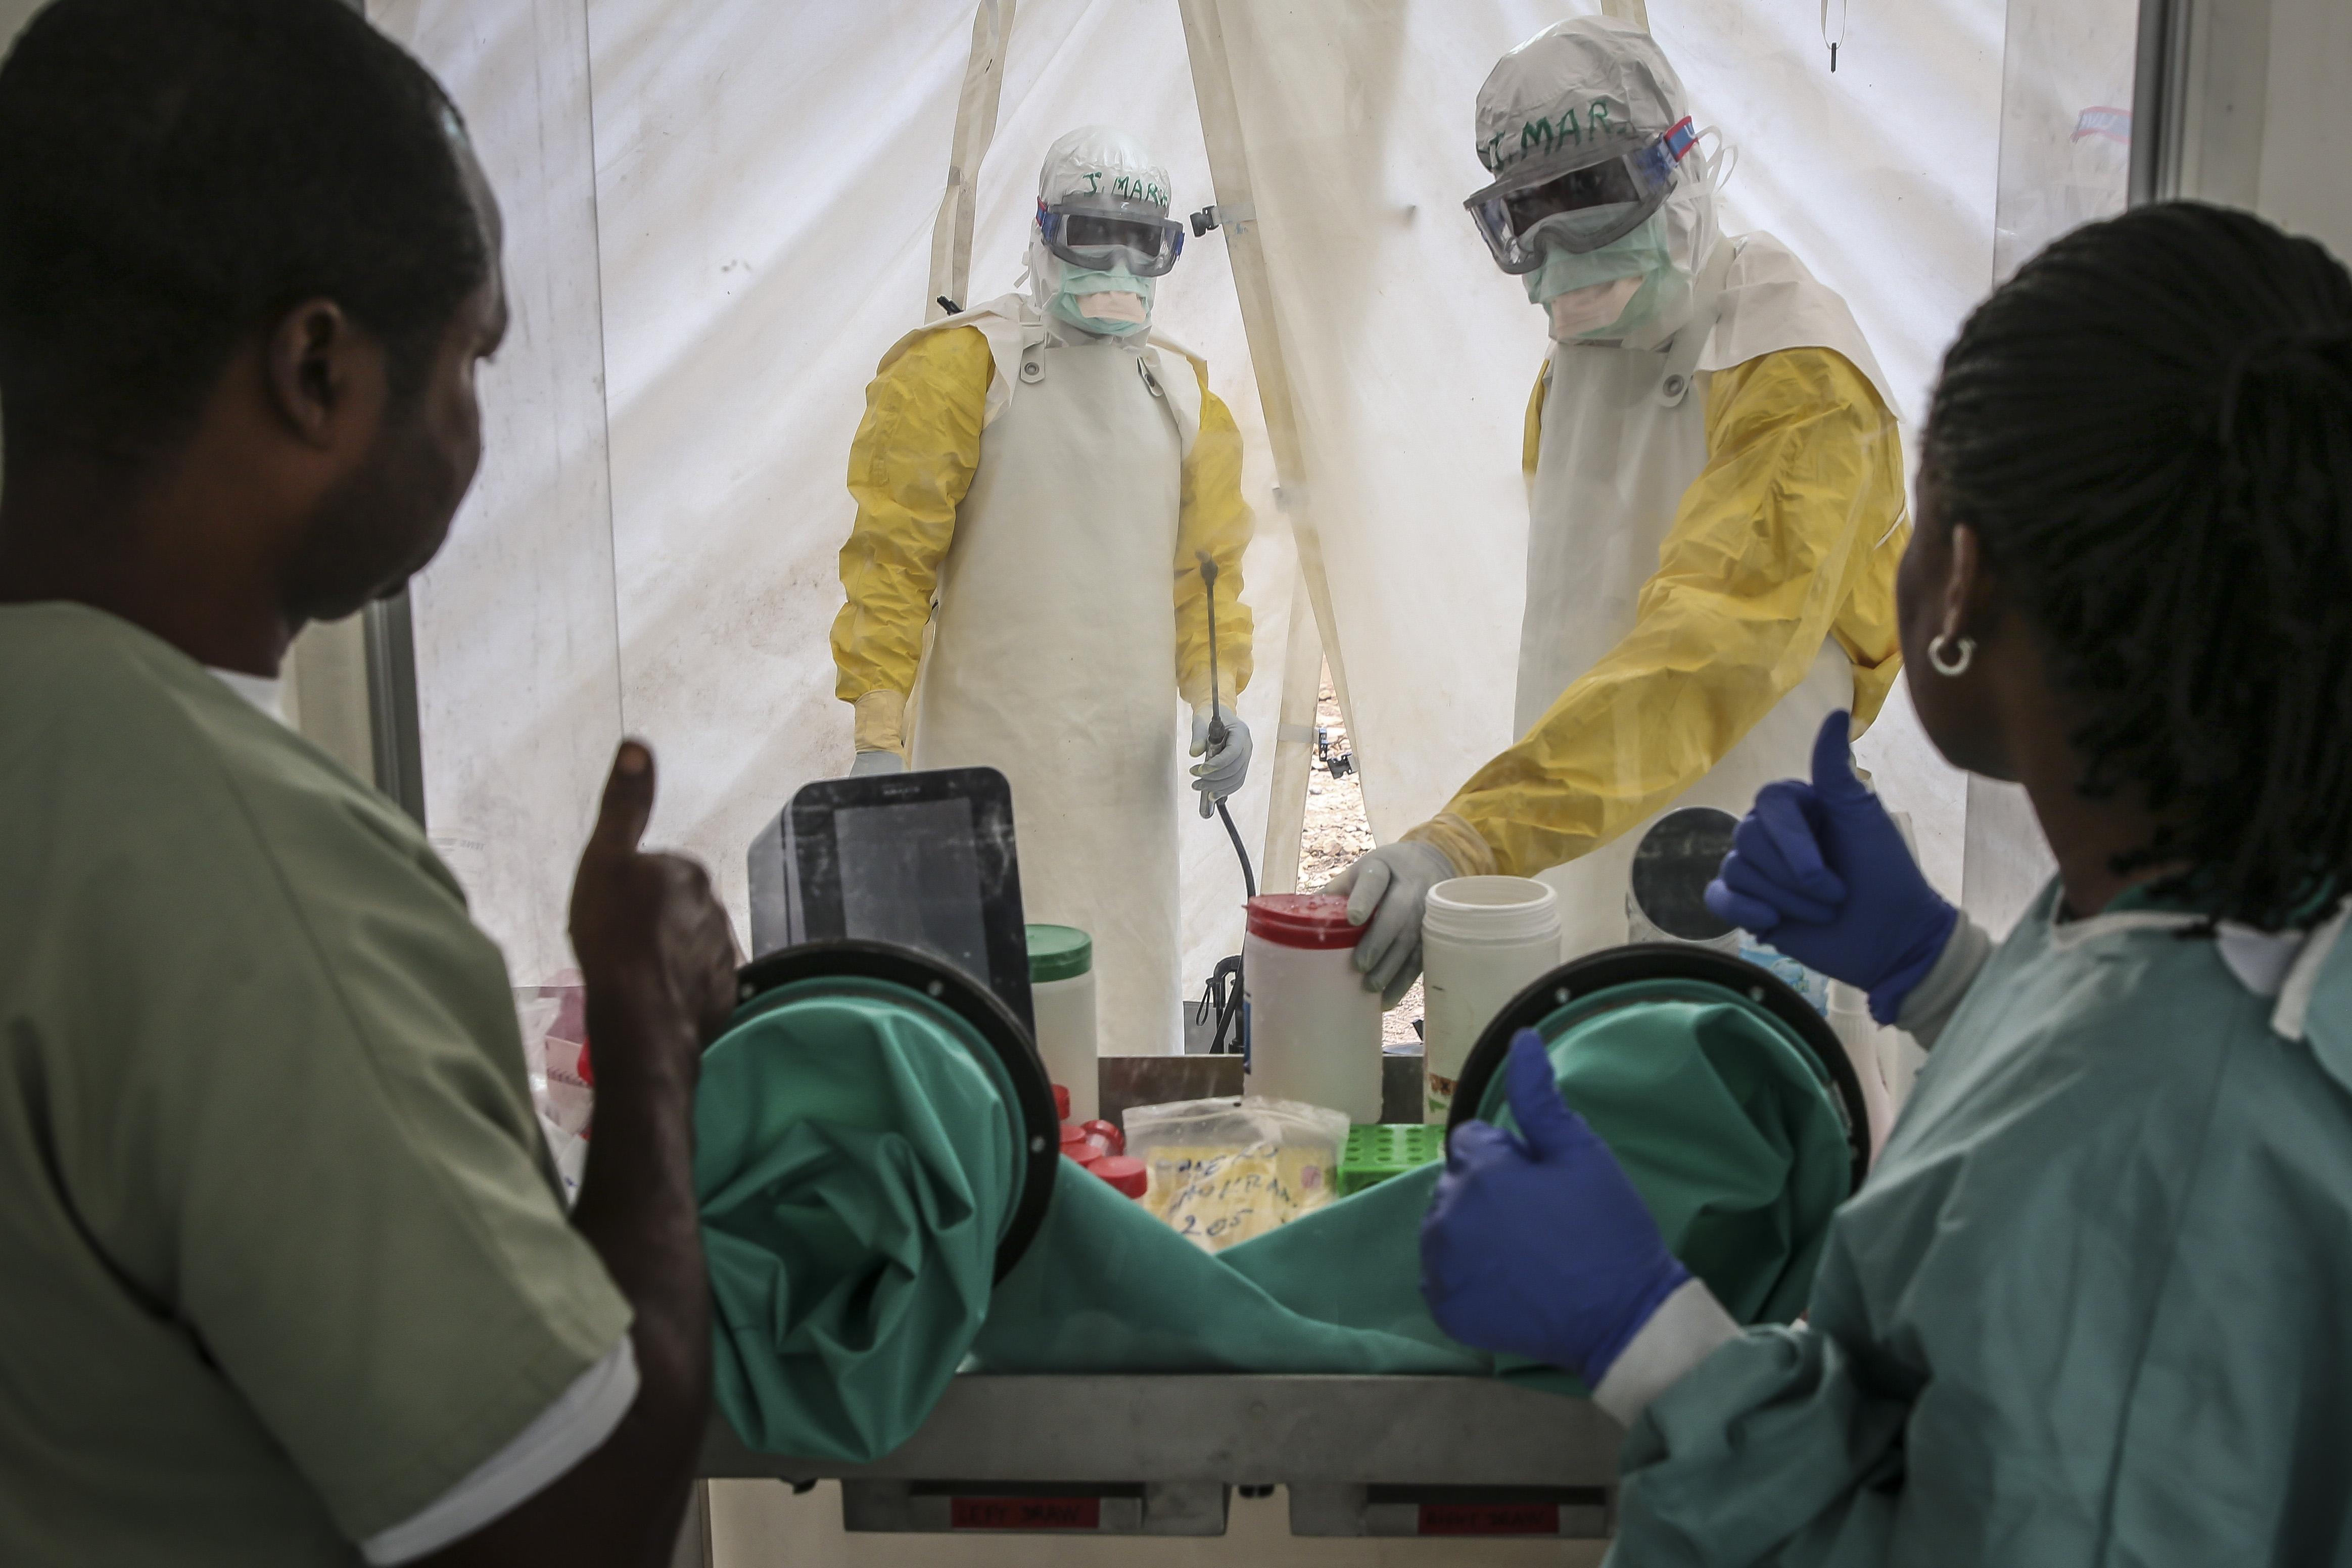 국경없는의사회 진단검사 전문가와 민주콩고 국립생체의학연구소(INRB) 일원이 검사실 고위험 구역에 있는 간호사 2명을 바라보고 있다. 민주콩고에서 에볼라 치료센터와 연구 검사실이 연계하여 활동하는 것은 이번이 처음이다. ⓒCarl Theunis/MSF